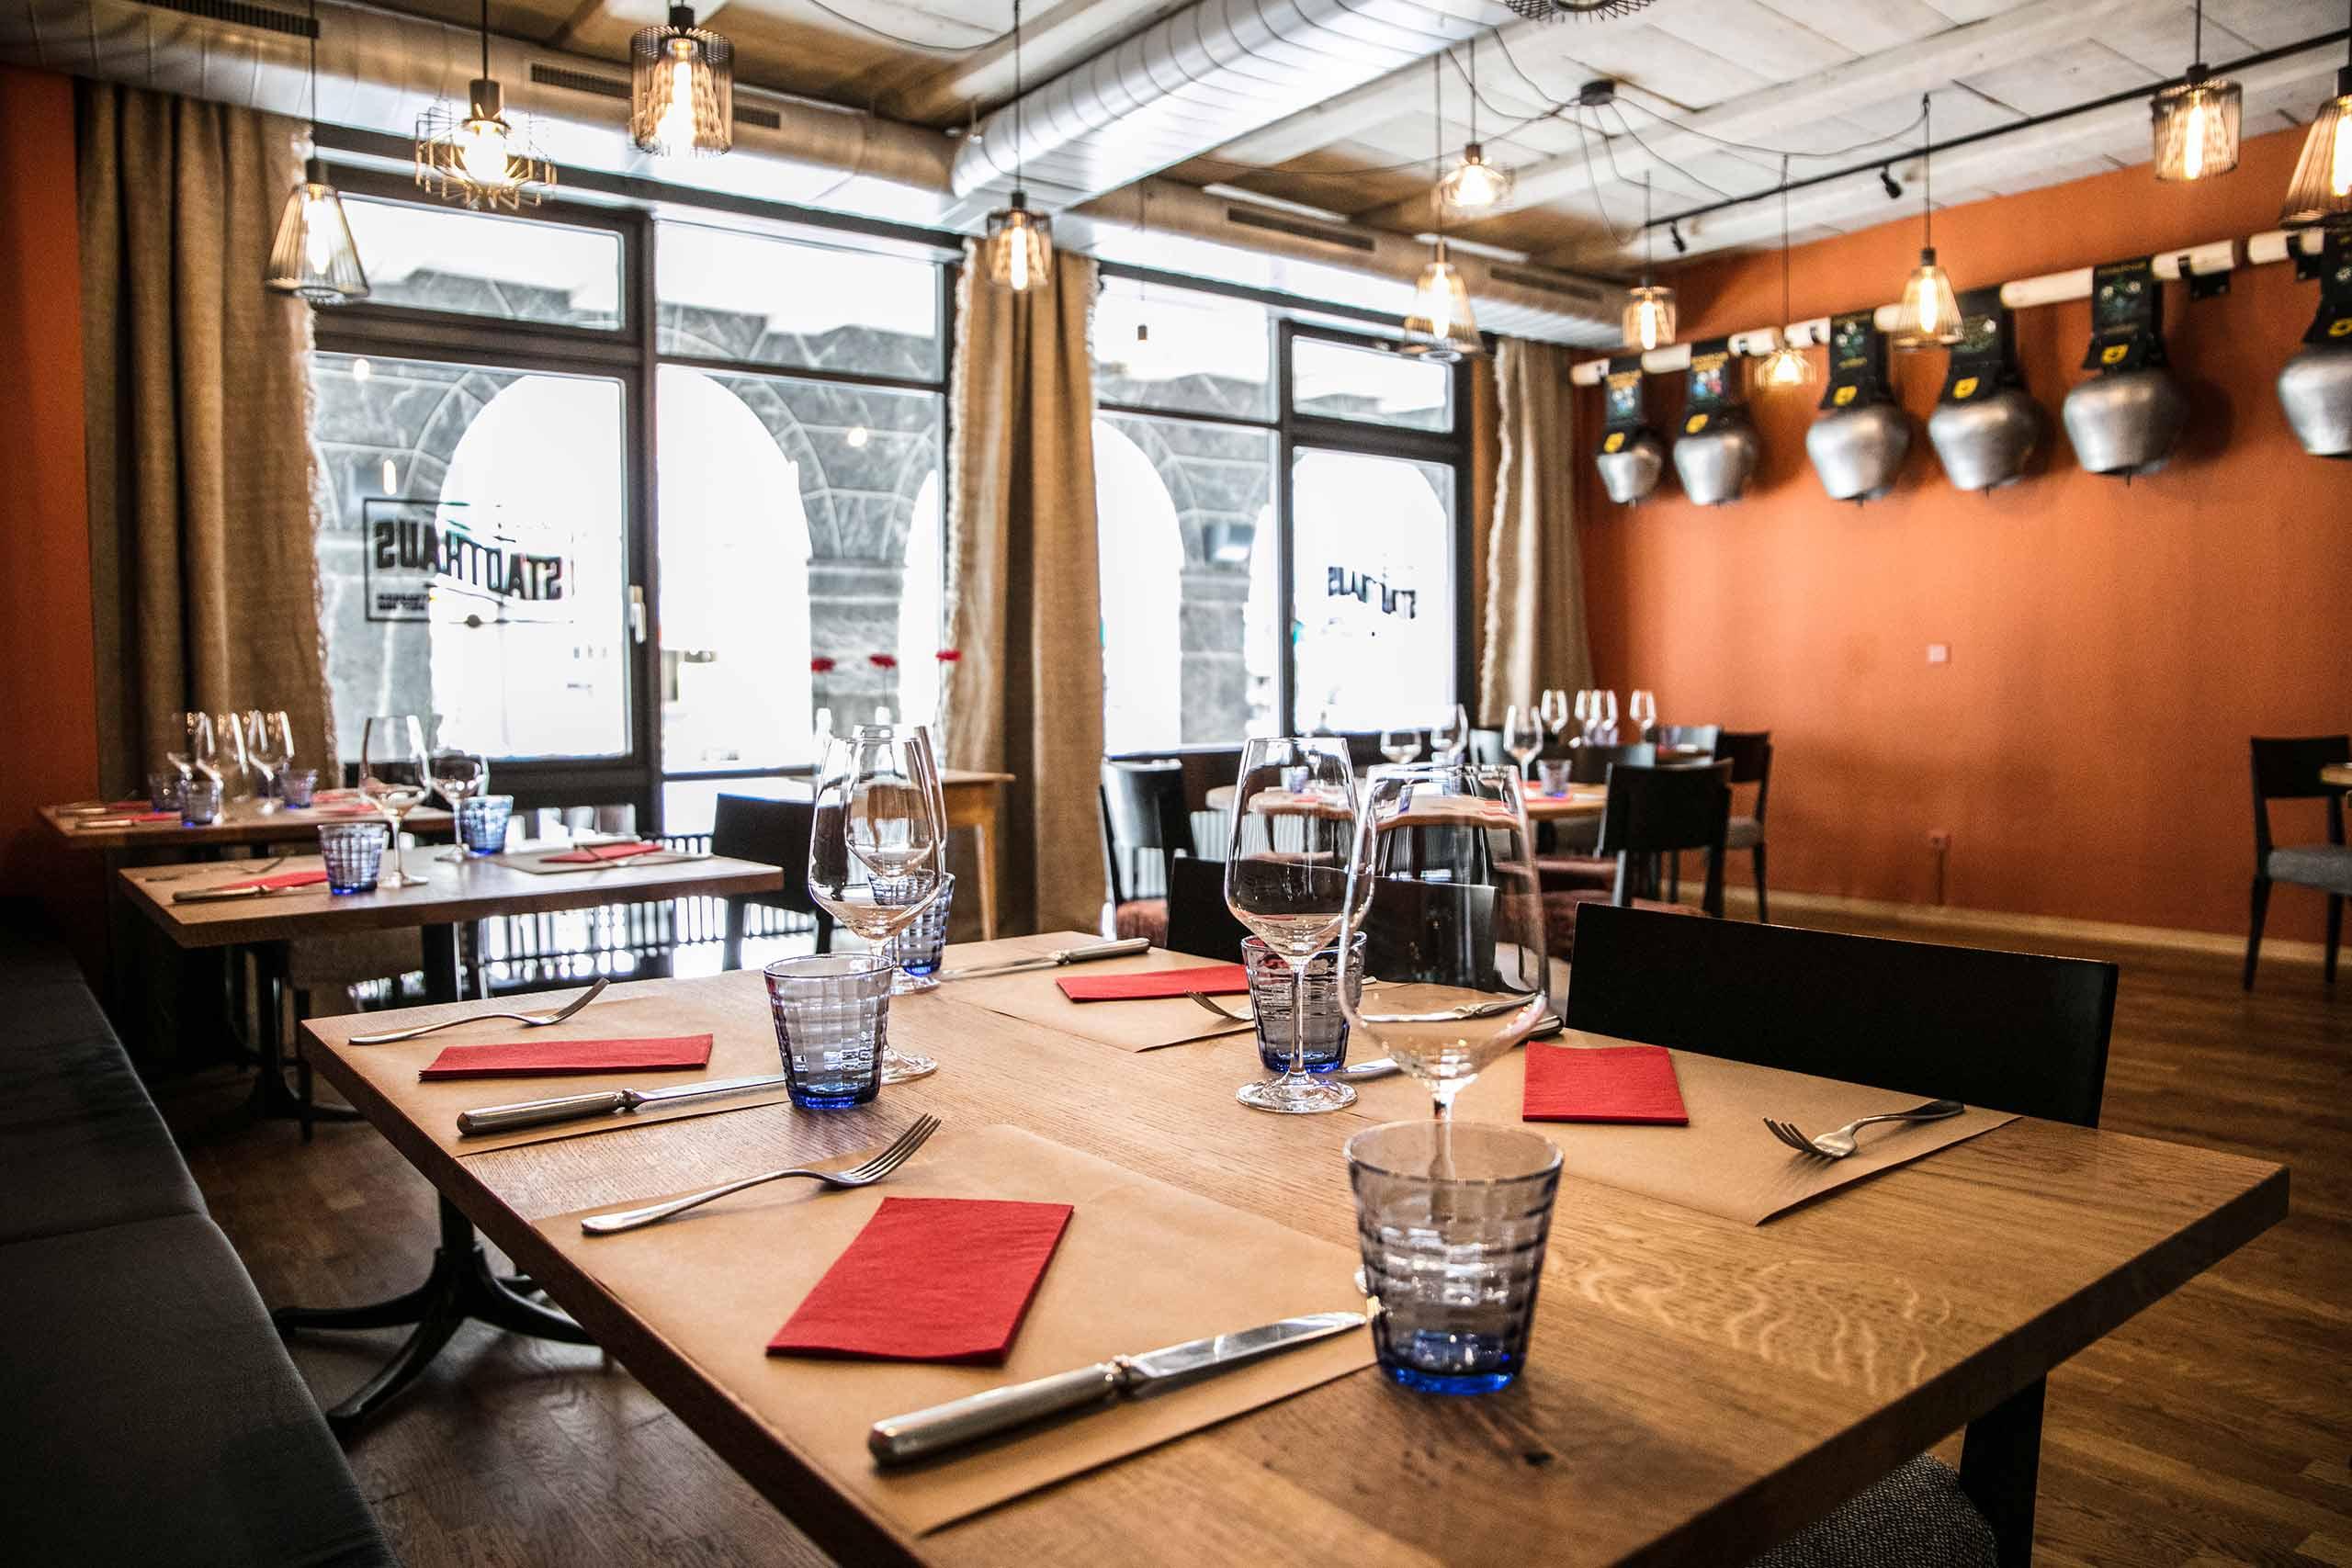 restaurant-stadthaus-unterseen-ambiente-tisch-gedeck.jpg